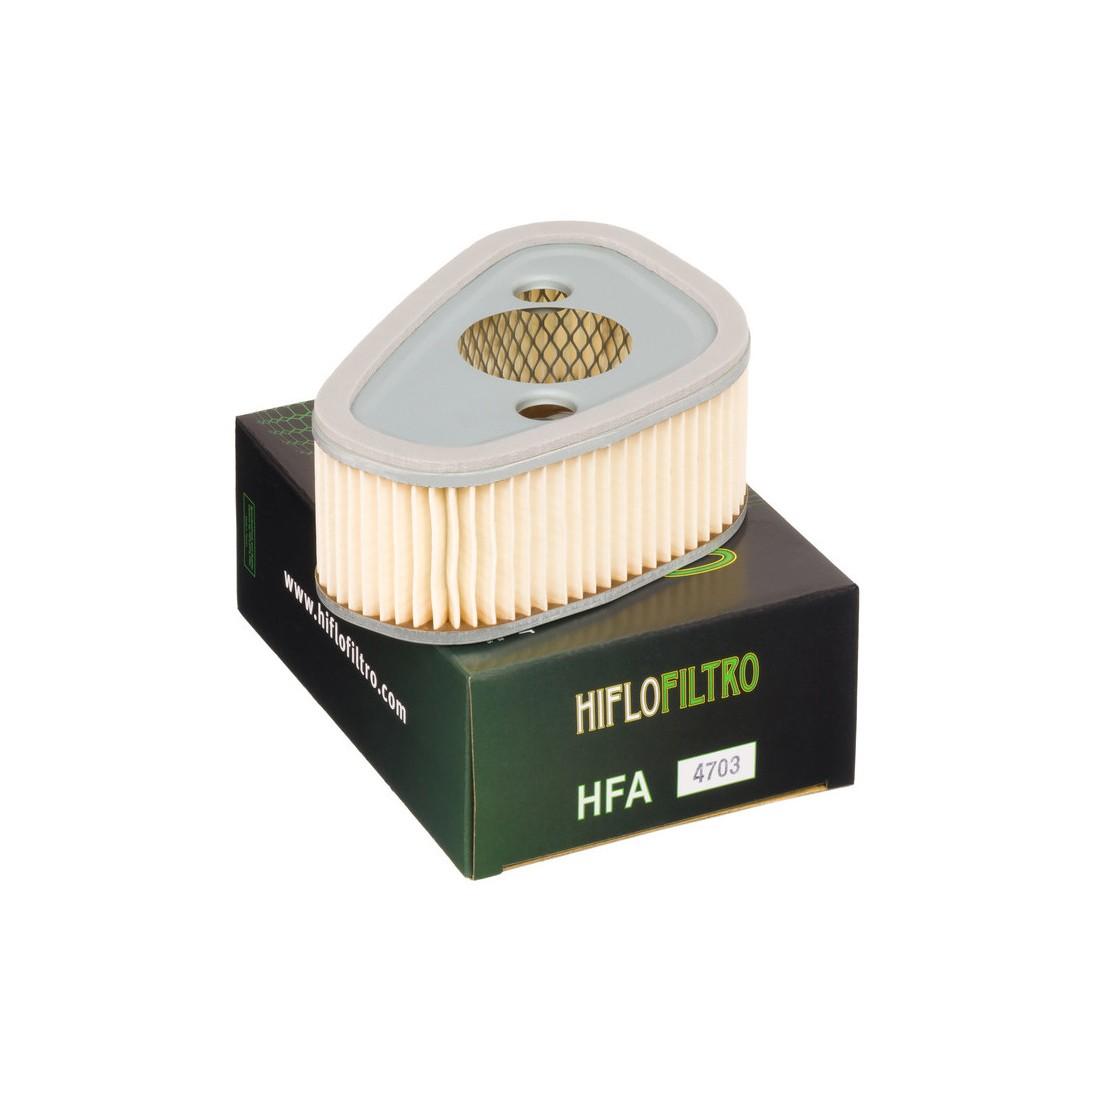 Filtro Aire Hiflofiltro HFA4703